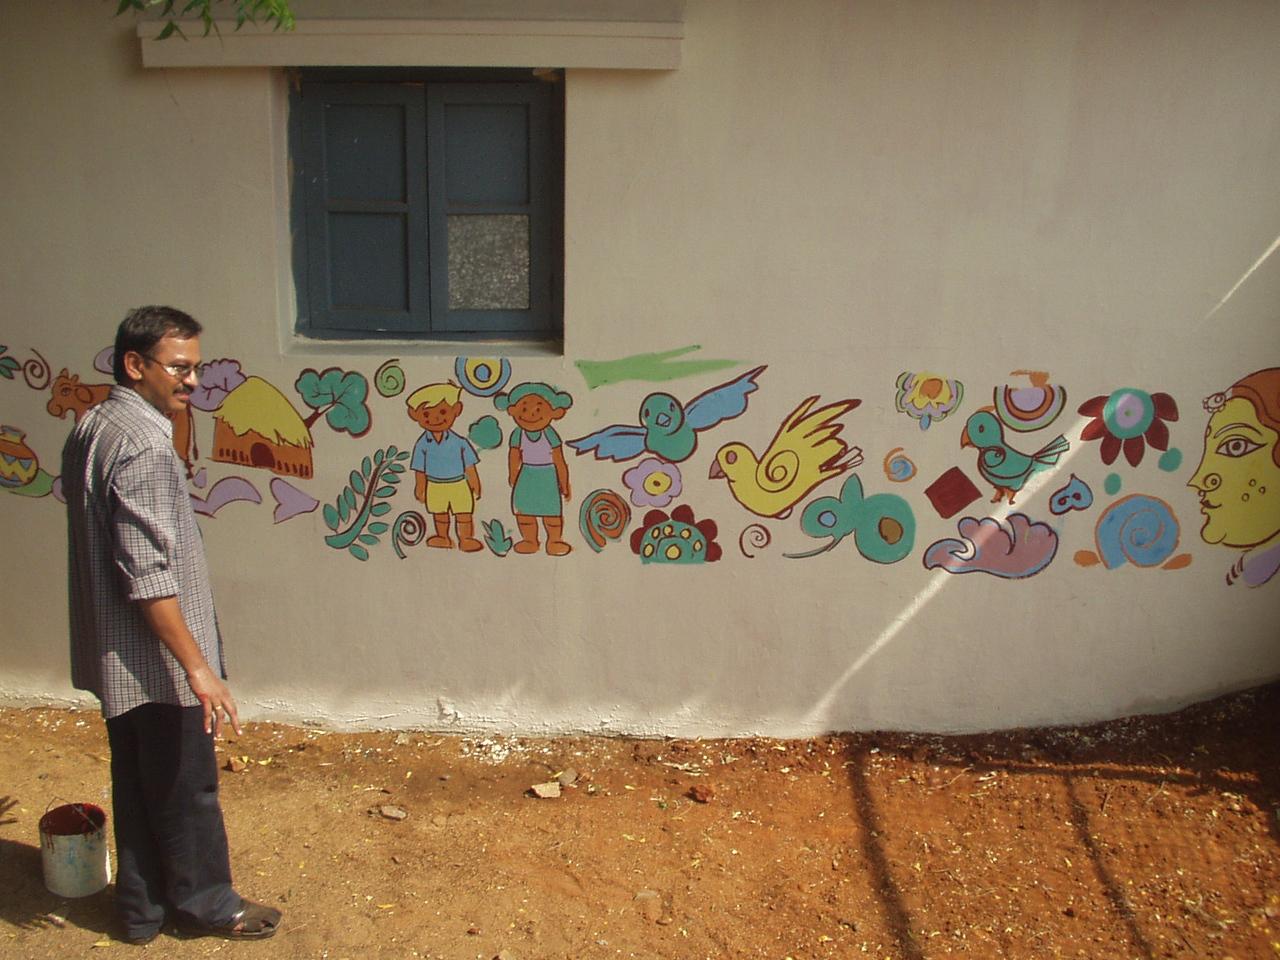 Sudhakar (the artist)